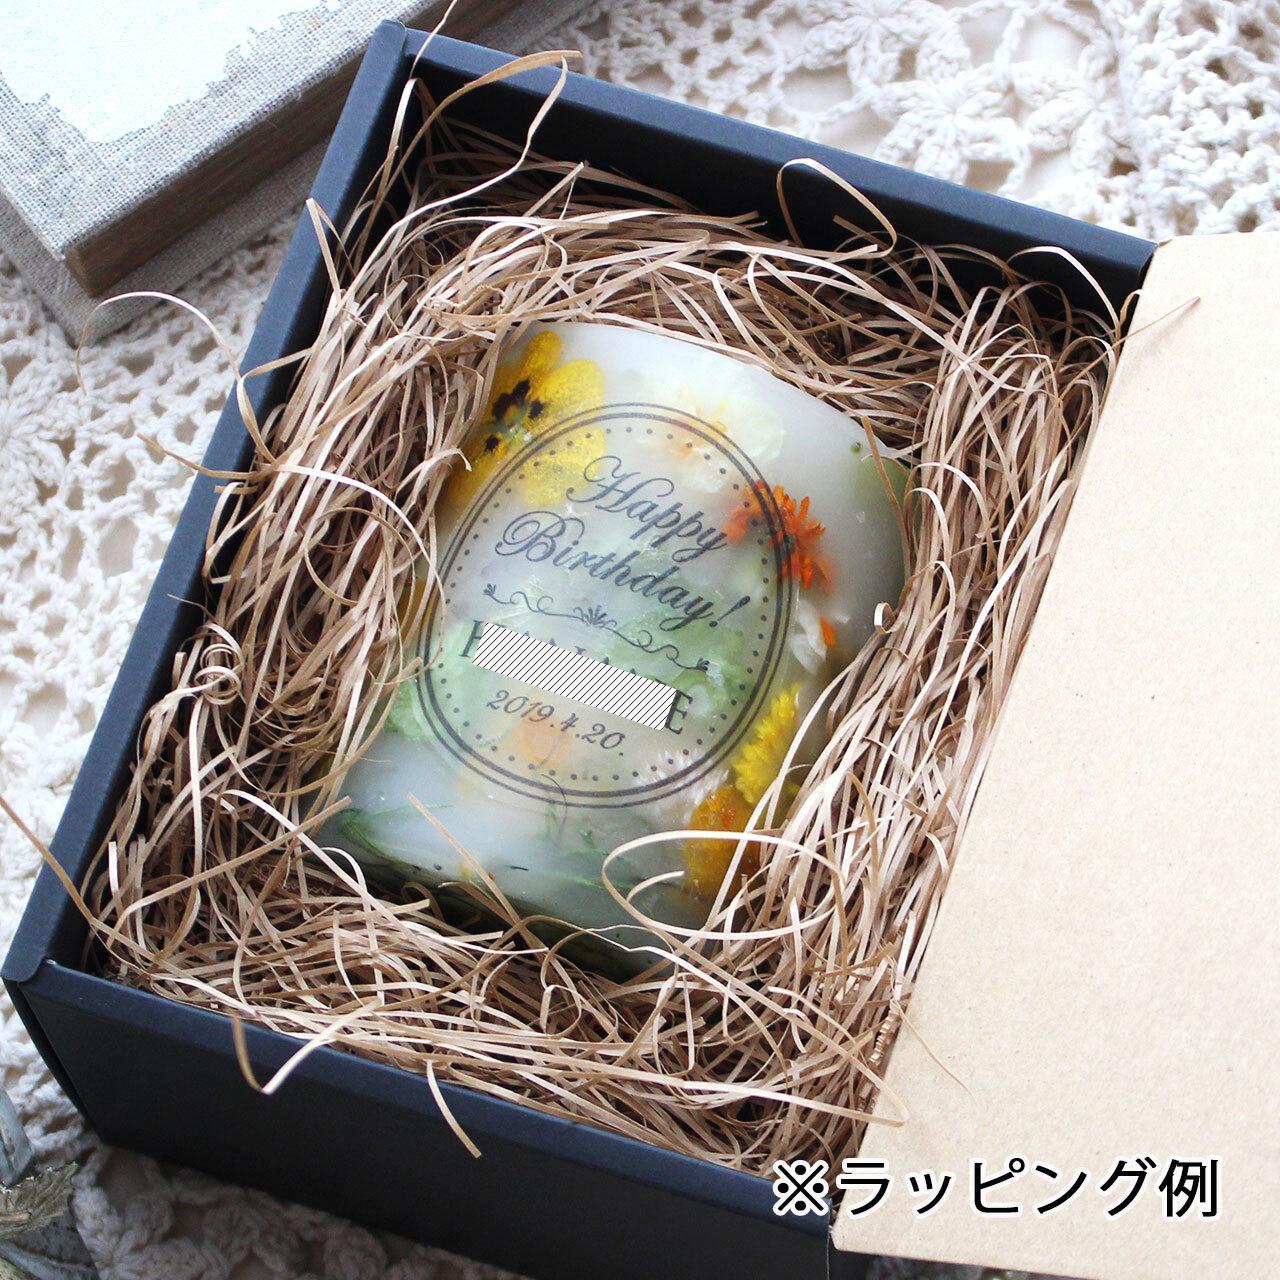 NC321 ギフトラッピング付き☆メッセージ&日付&名入れボタニカルキャンドル ガーデン